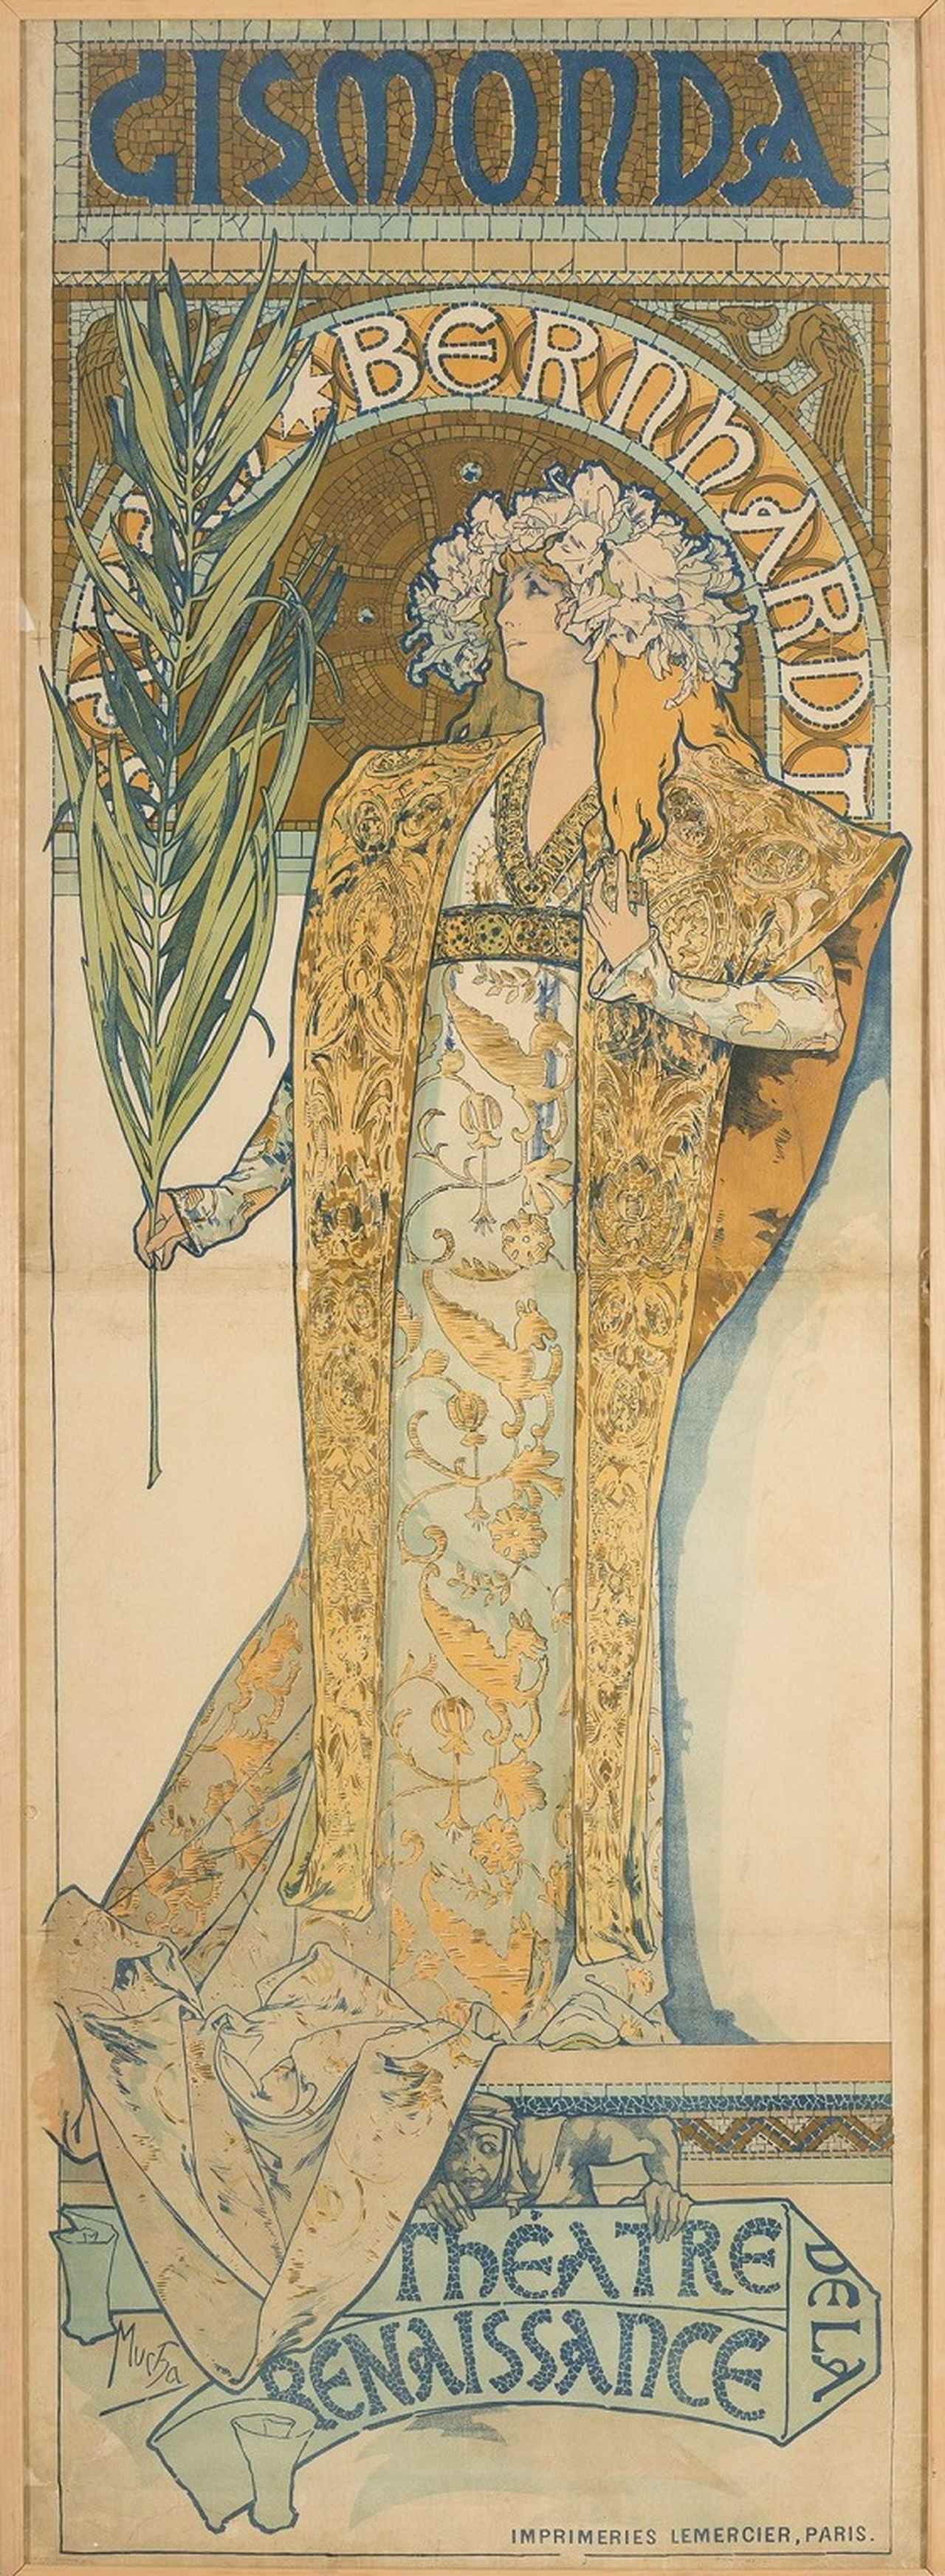 画像: アルフォンス・ミュシャ 《ジスモンダ》 1894 年 チェコ国立プラハ工芸美術館蔵